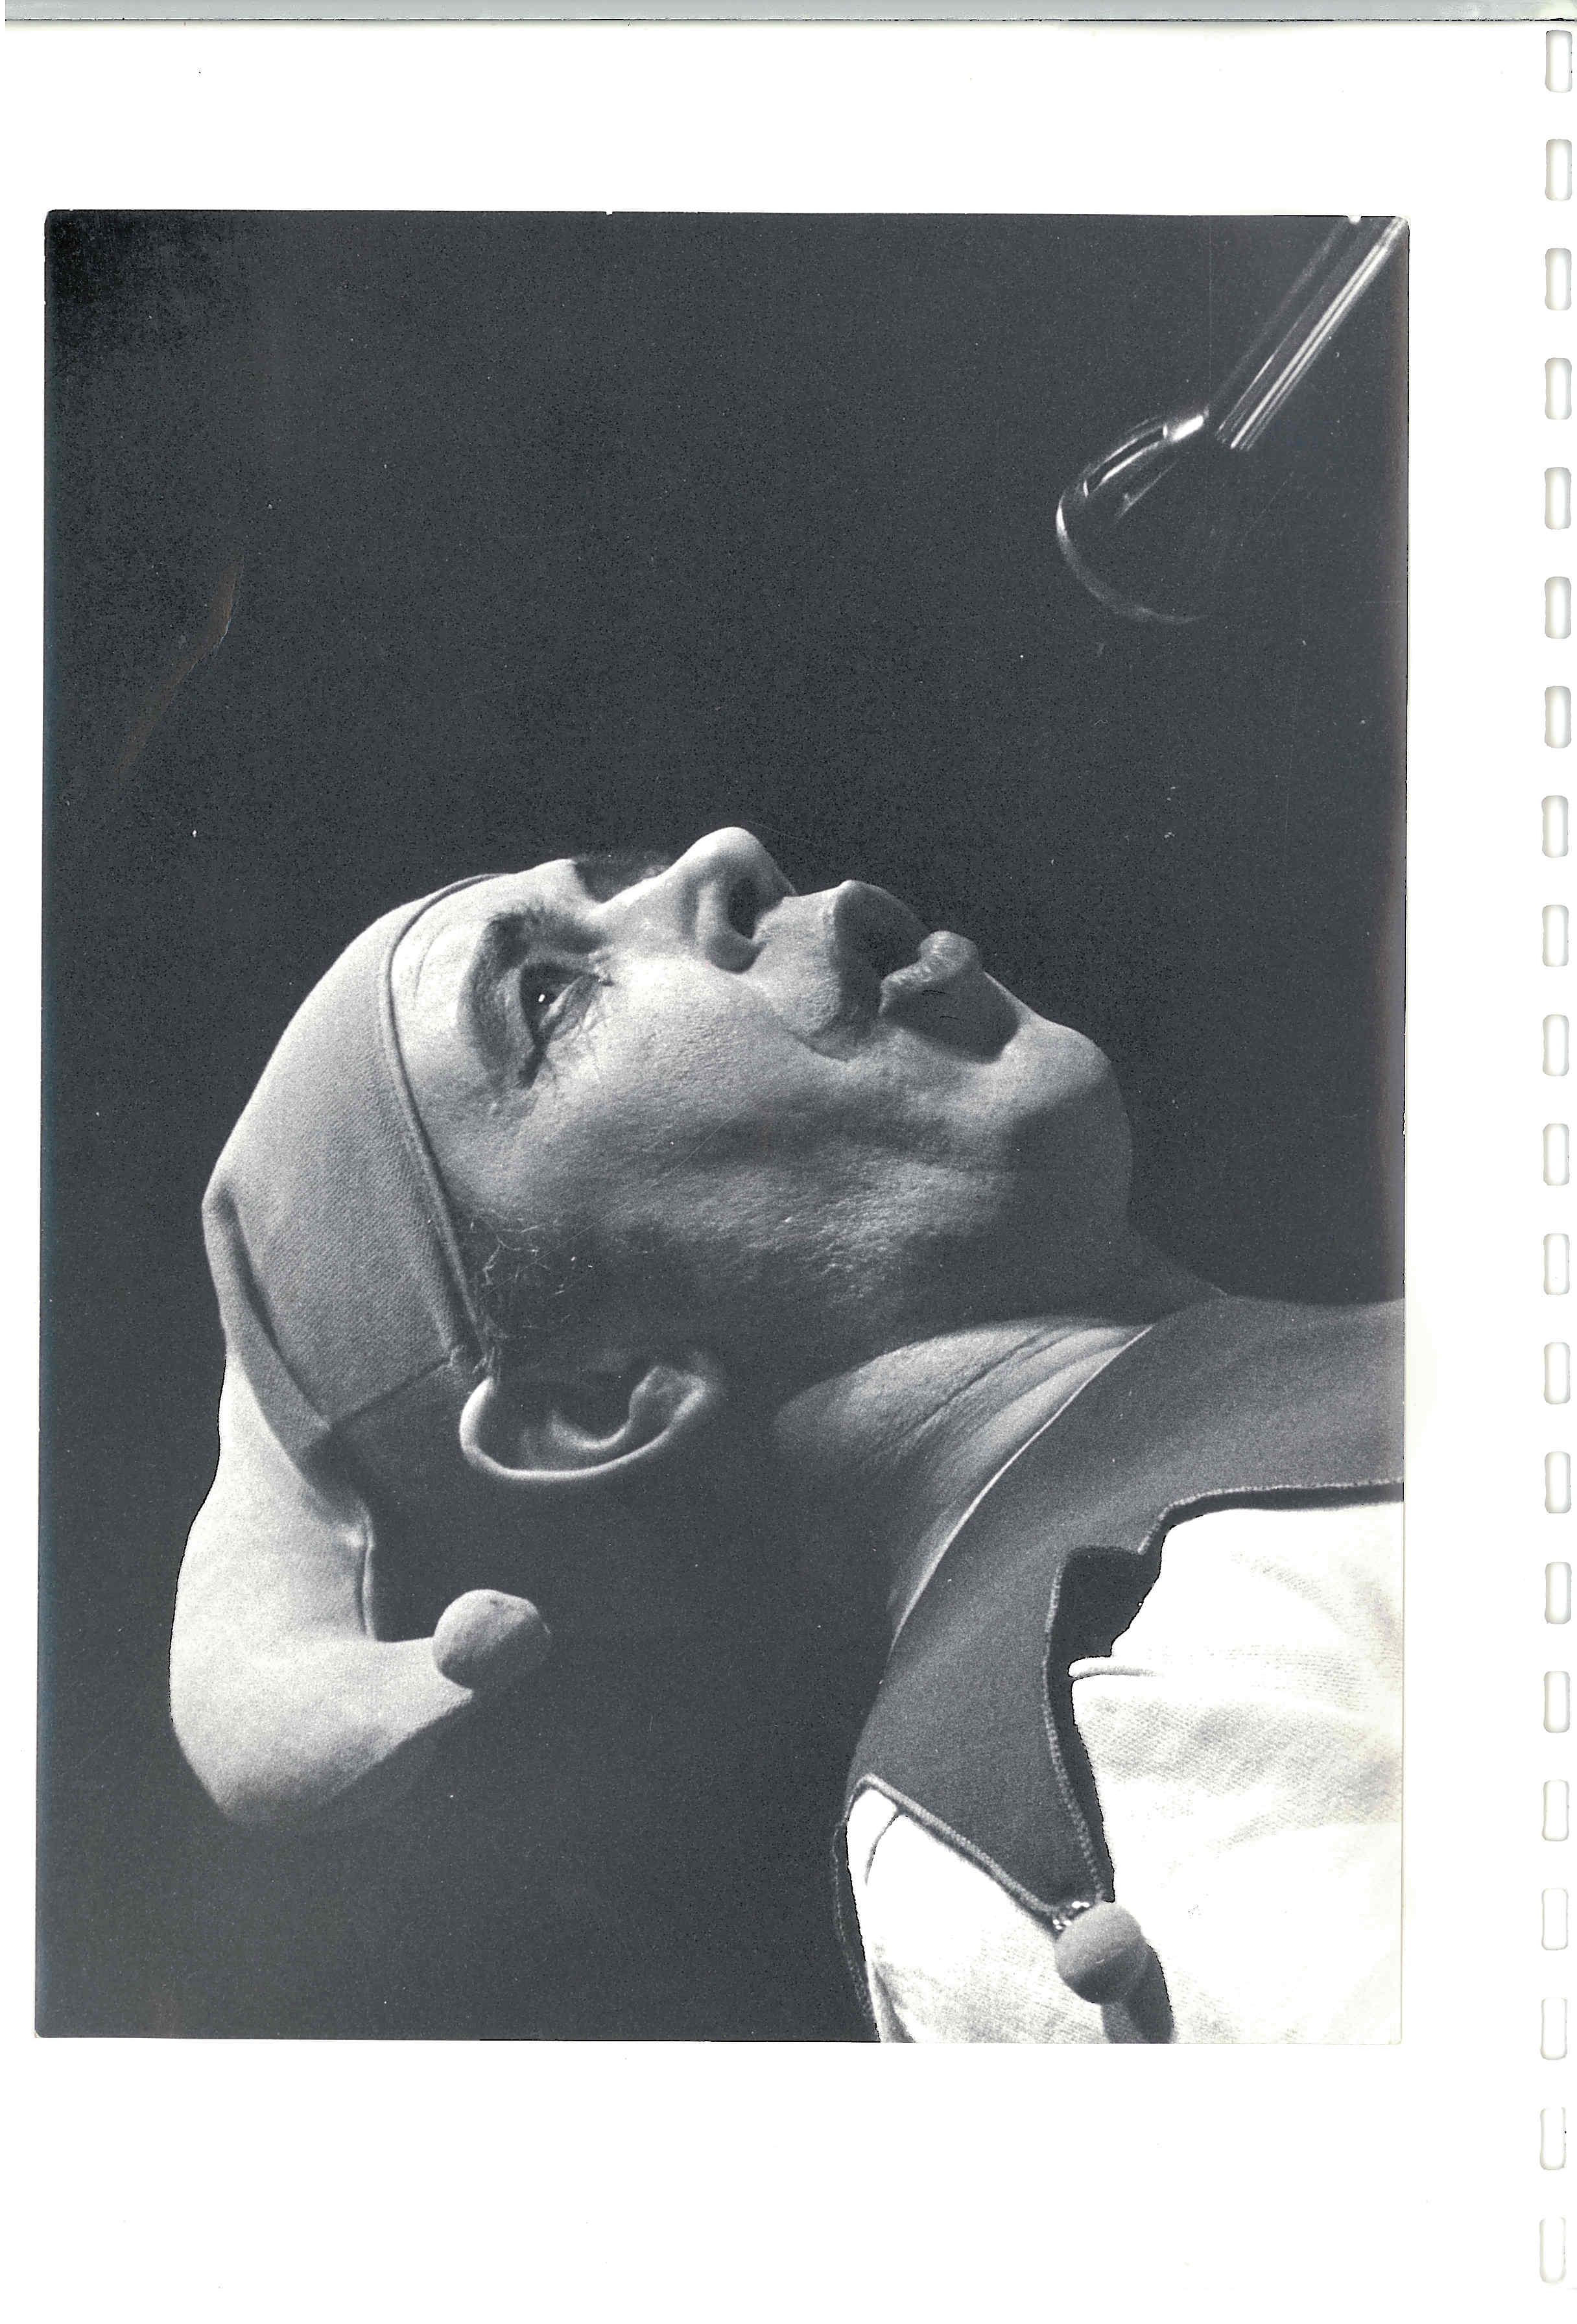 Fotoboek I Louis Heylighen p31